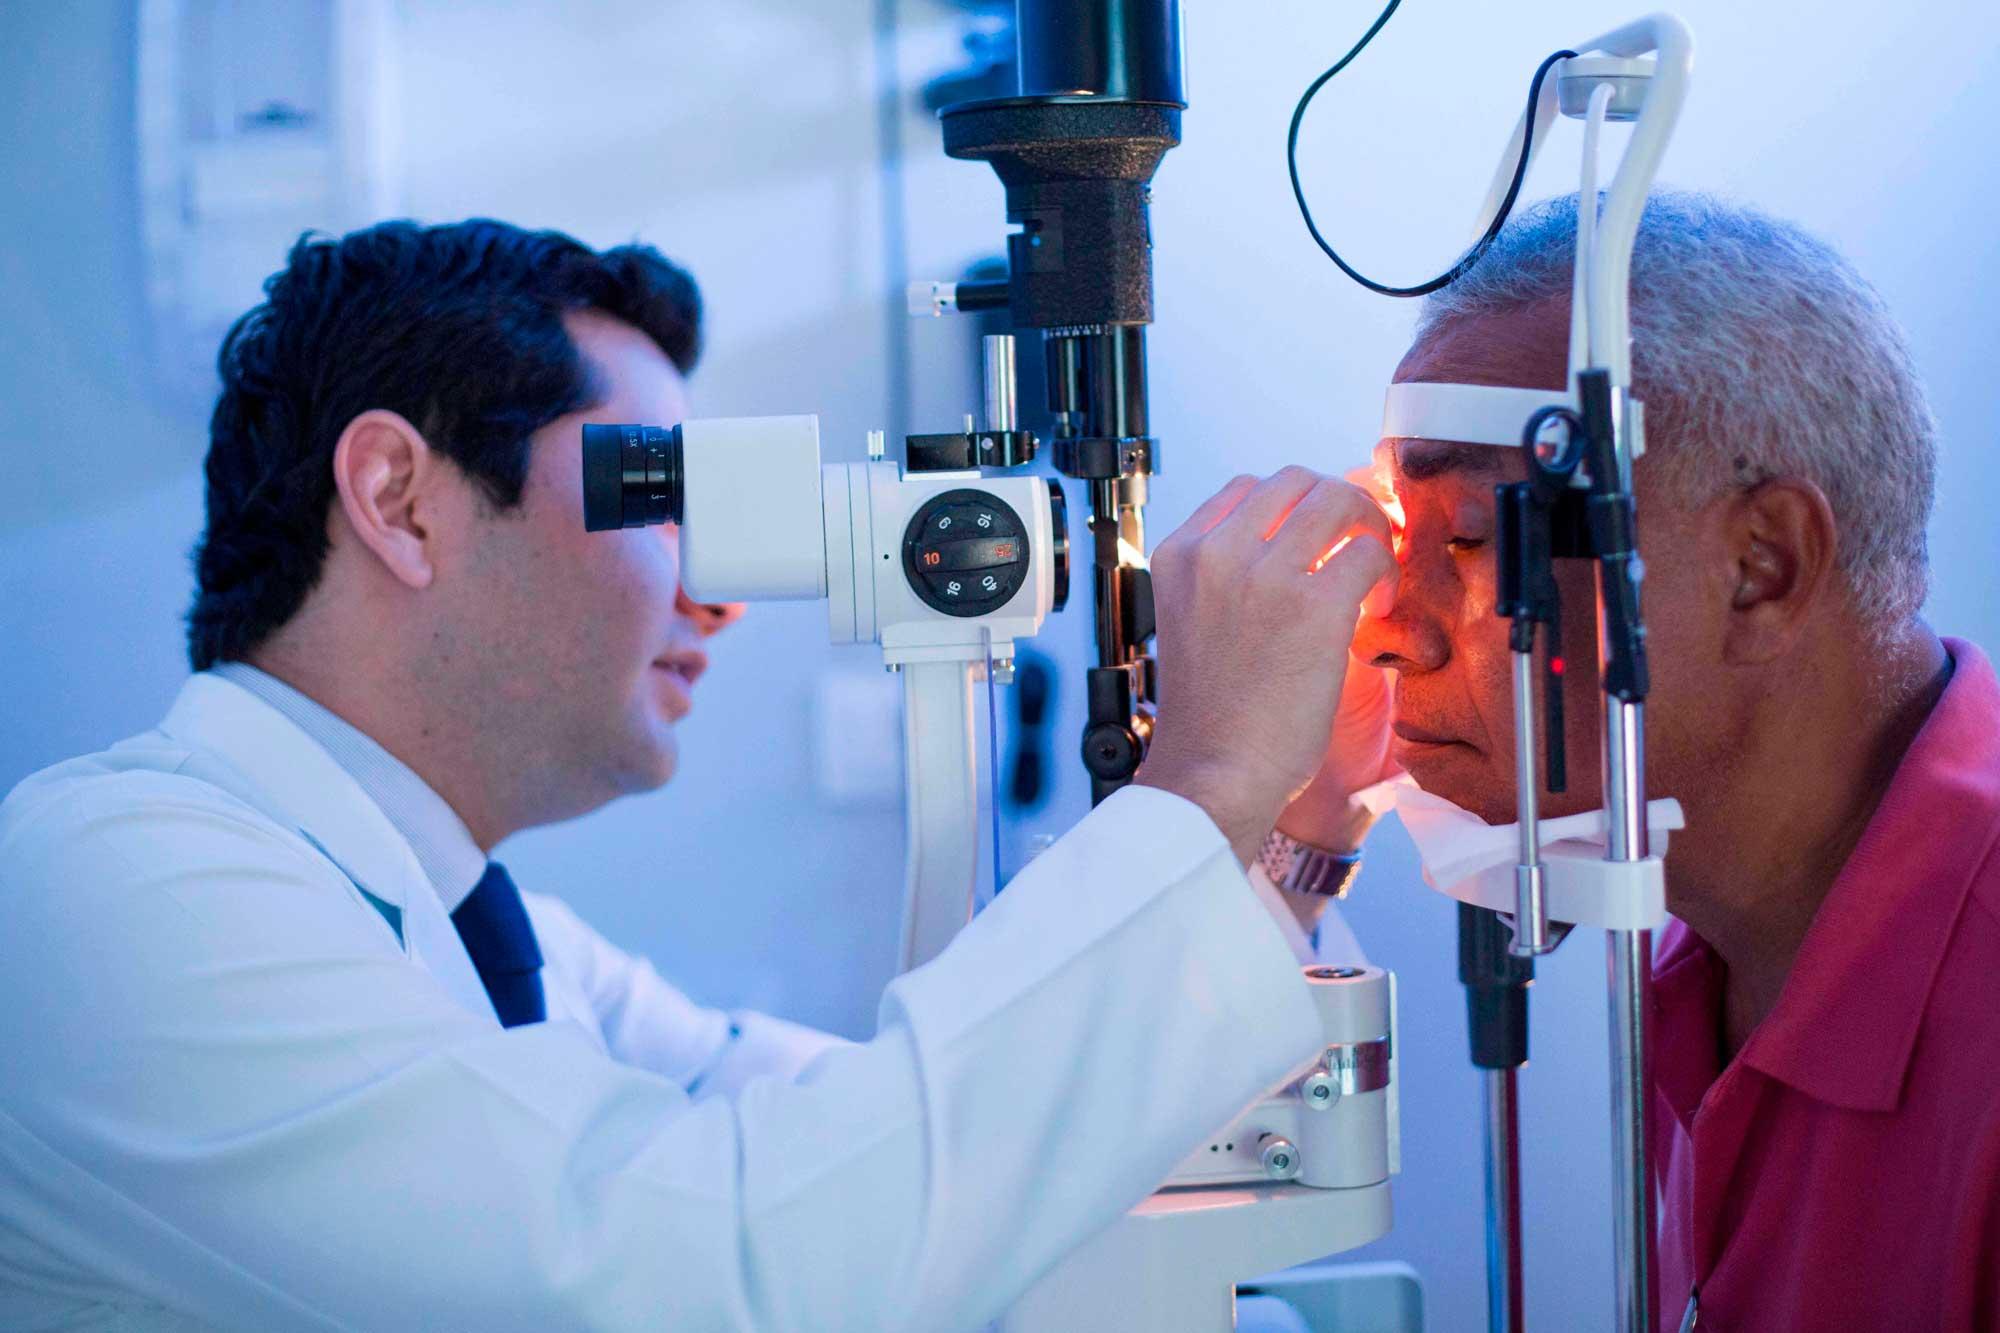 Dr. Marcelo Hosoume